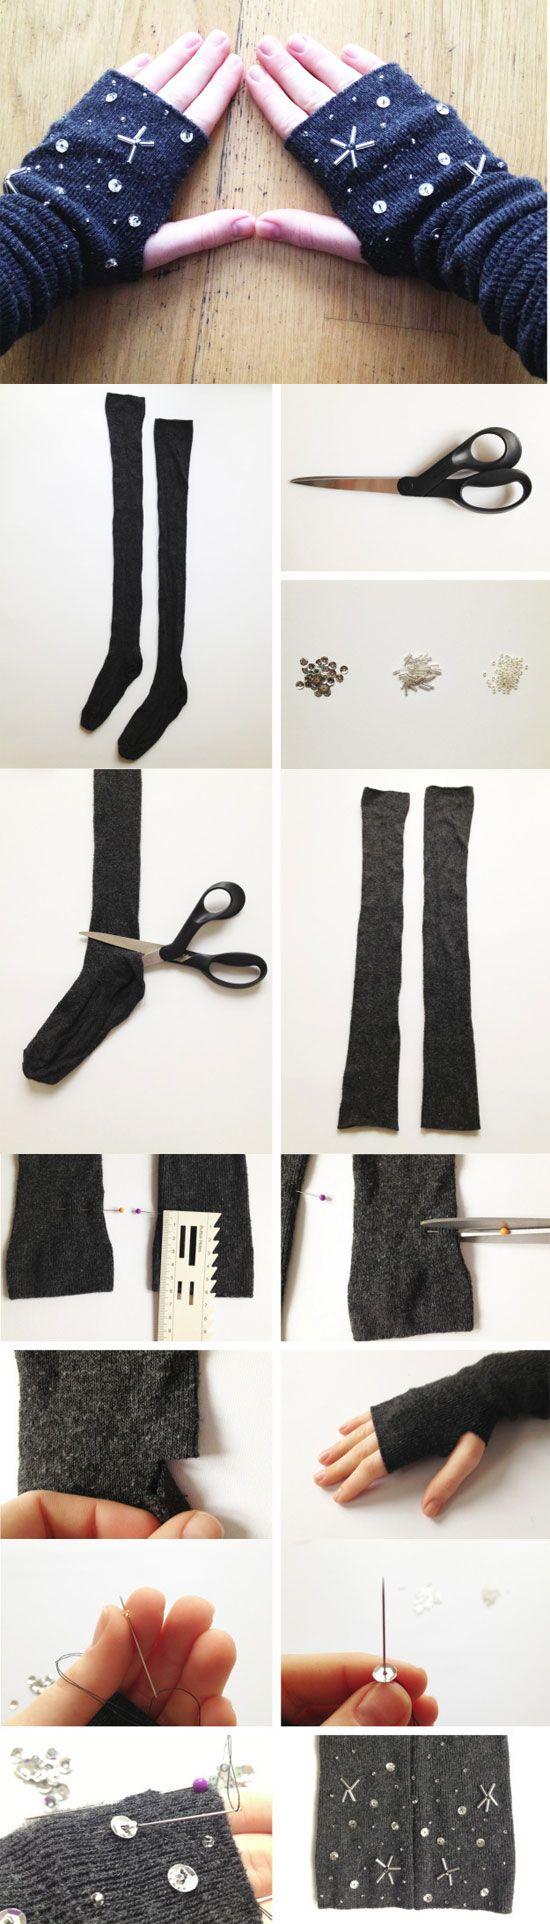 Guantes DIY contra el frío | ¡Manualidades de invierno! Combate el frío con unos cálidos guantes de lana hechos por ti reciclando viejos calcetines!